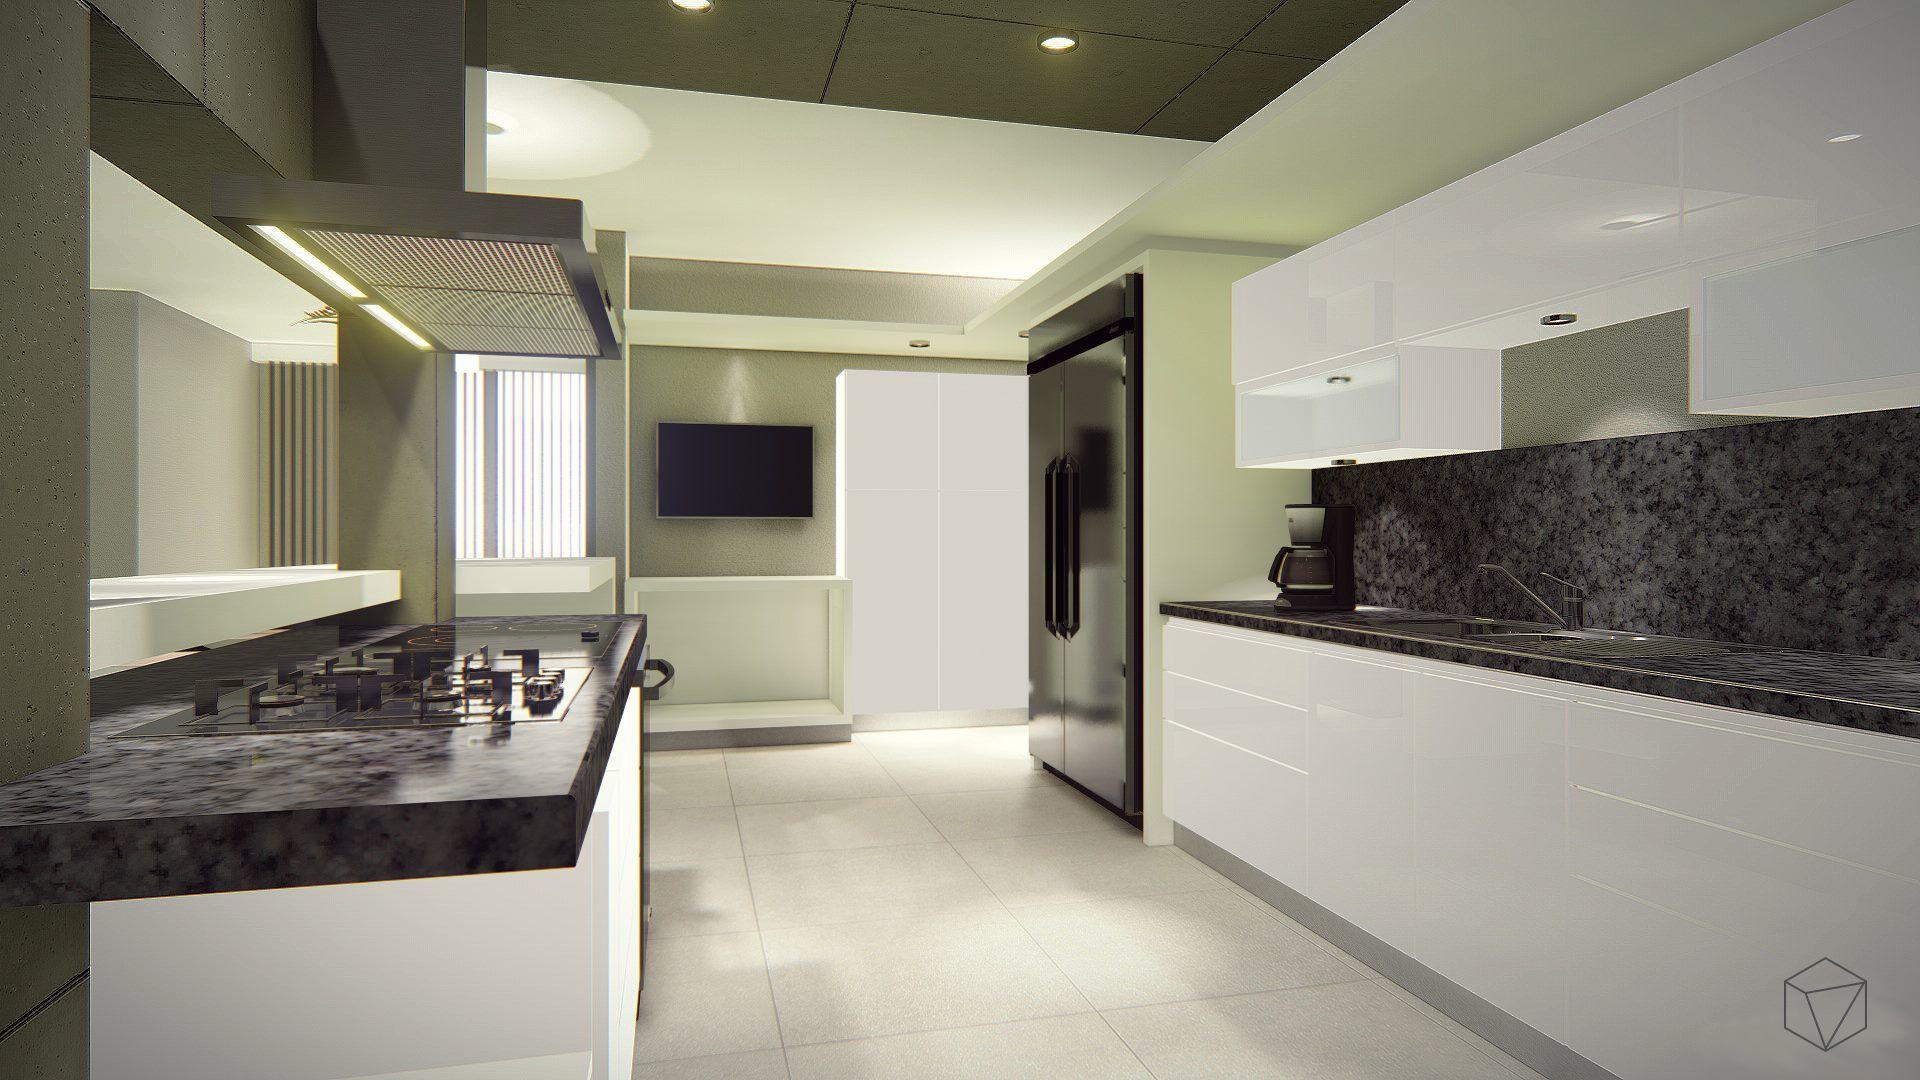 Diseño de Interior: Cocina. #arquitectura #diseño #decoración ...